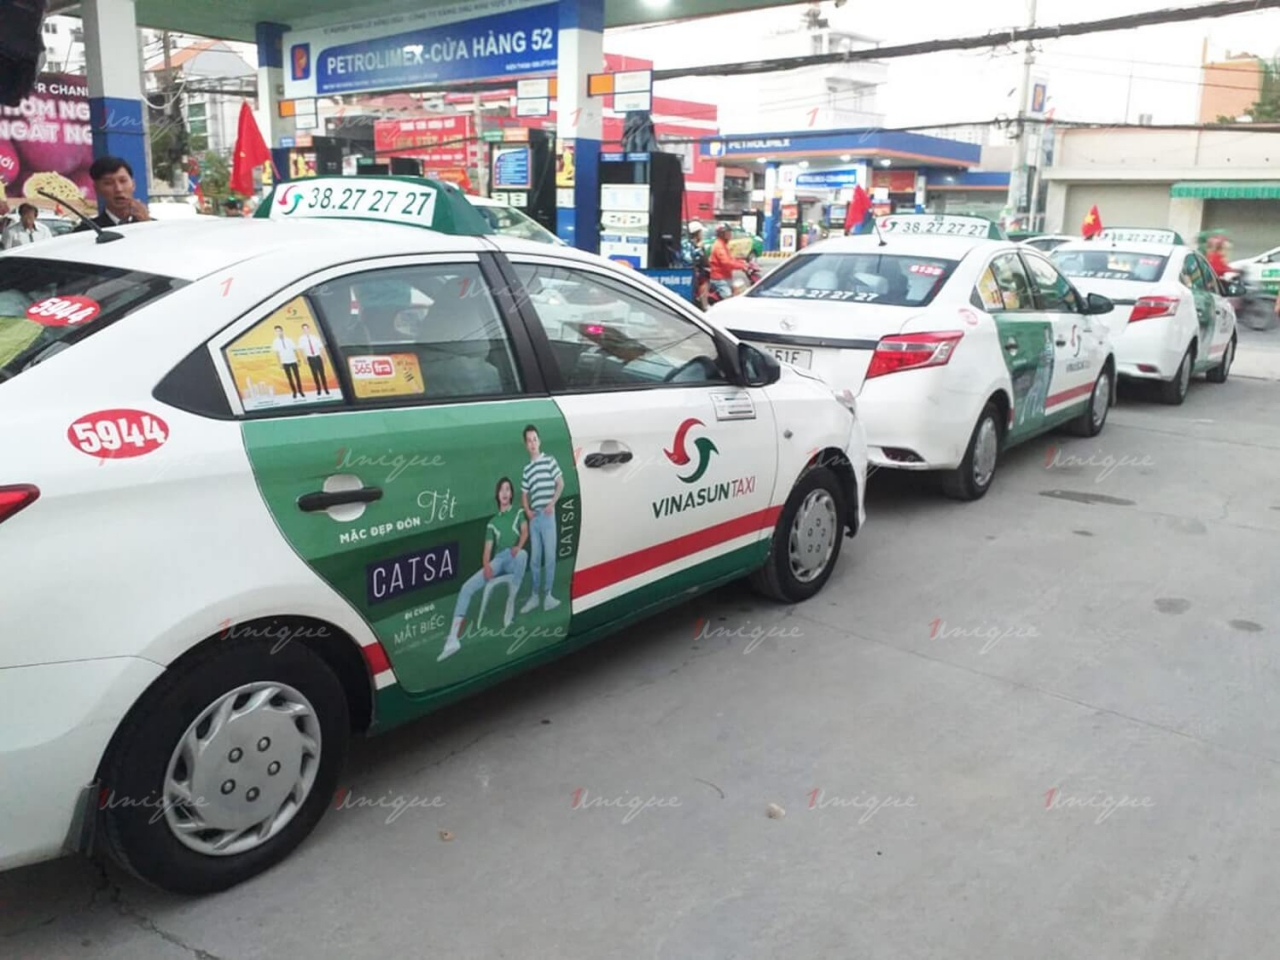 Công ty quảng cáo ngoài trời tại Thành phố Hồ Chí Minh